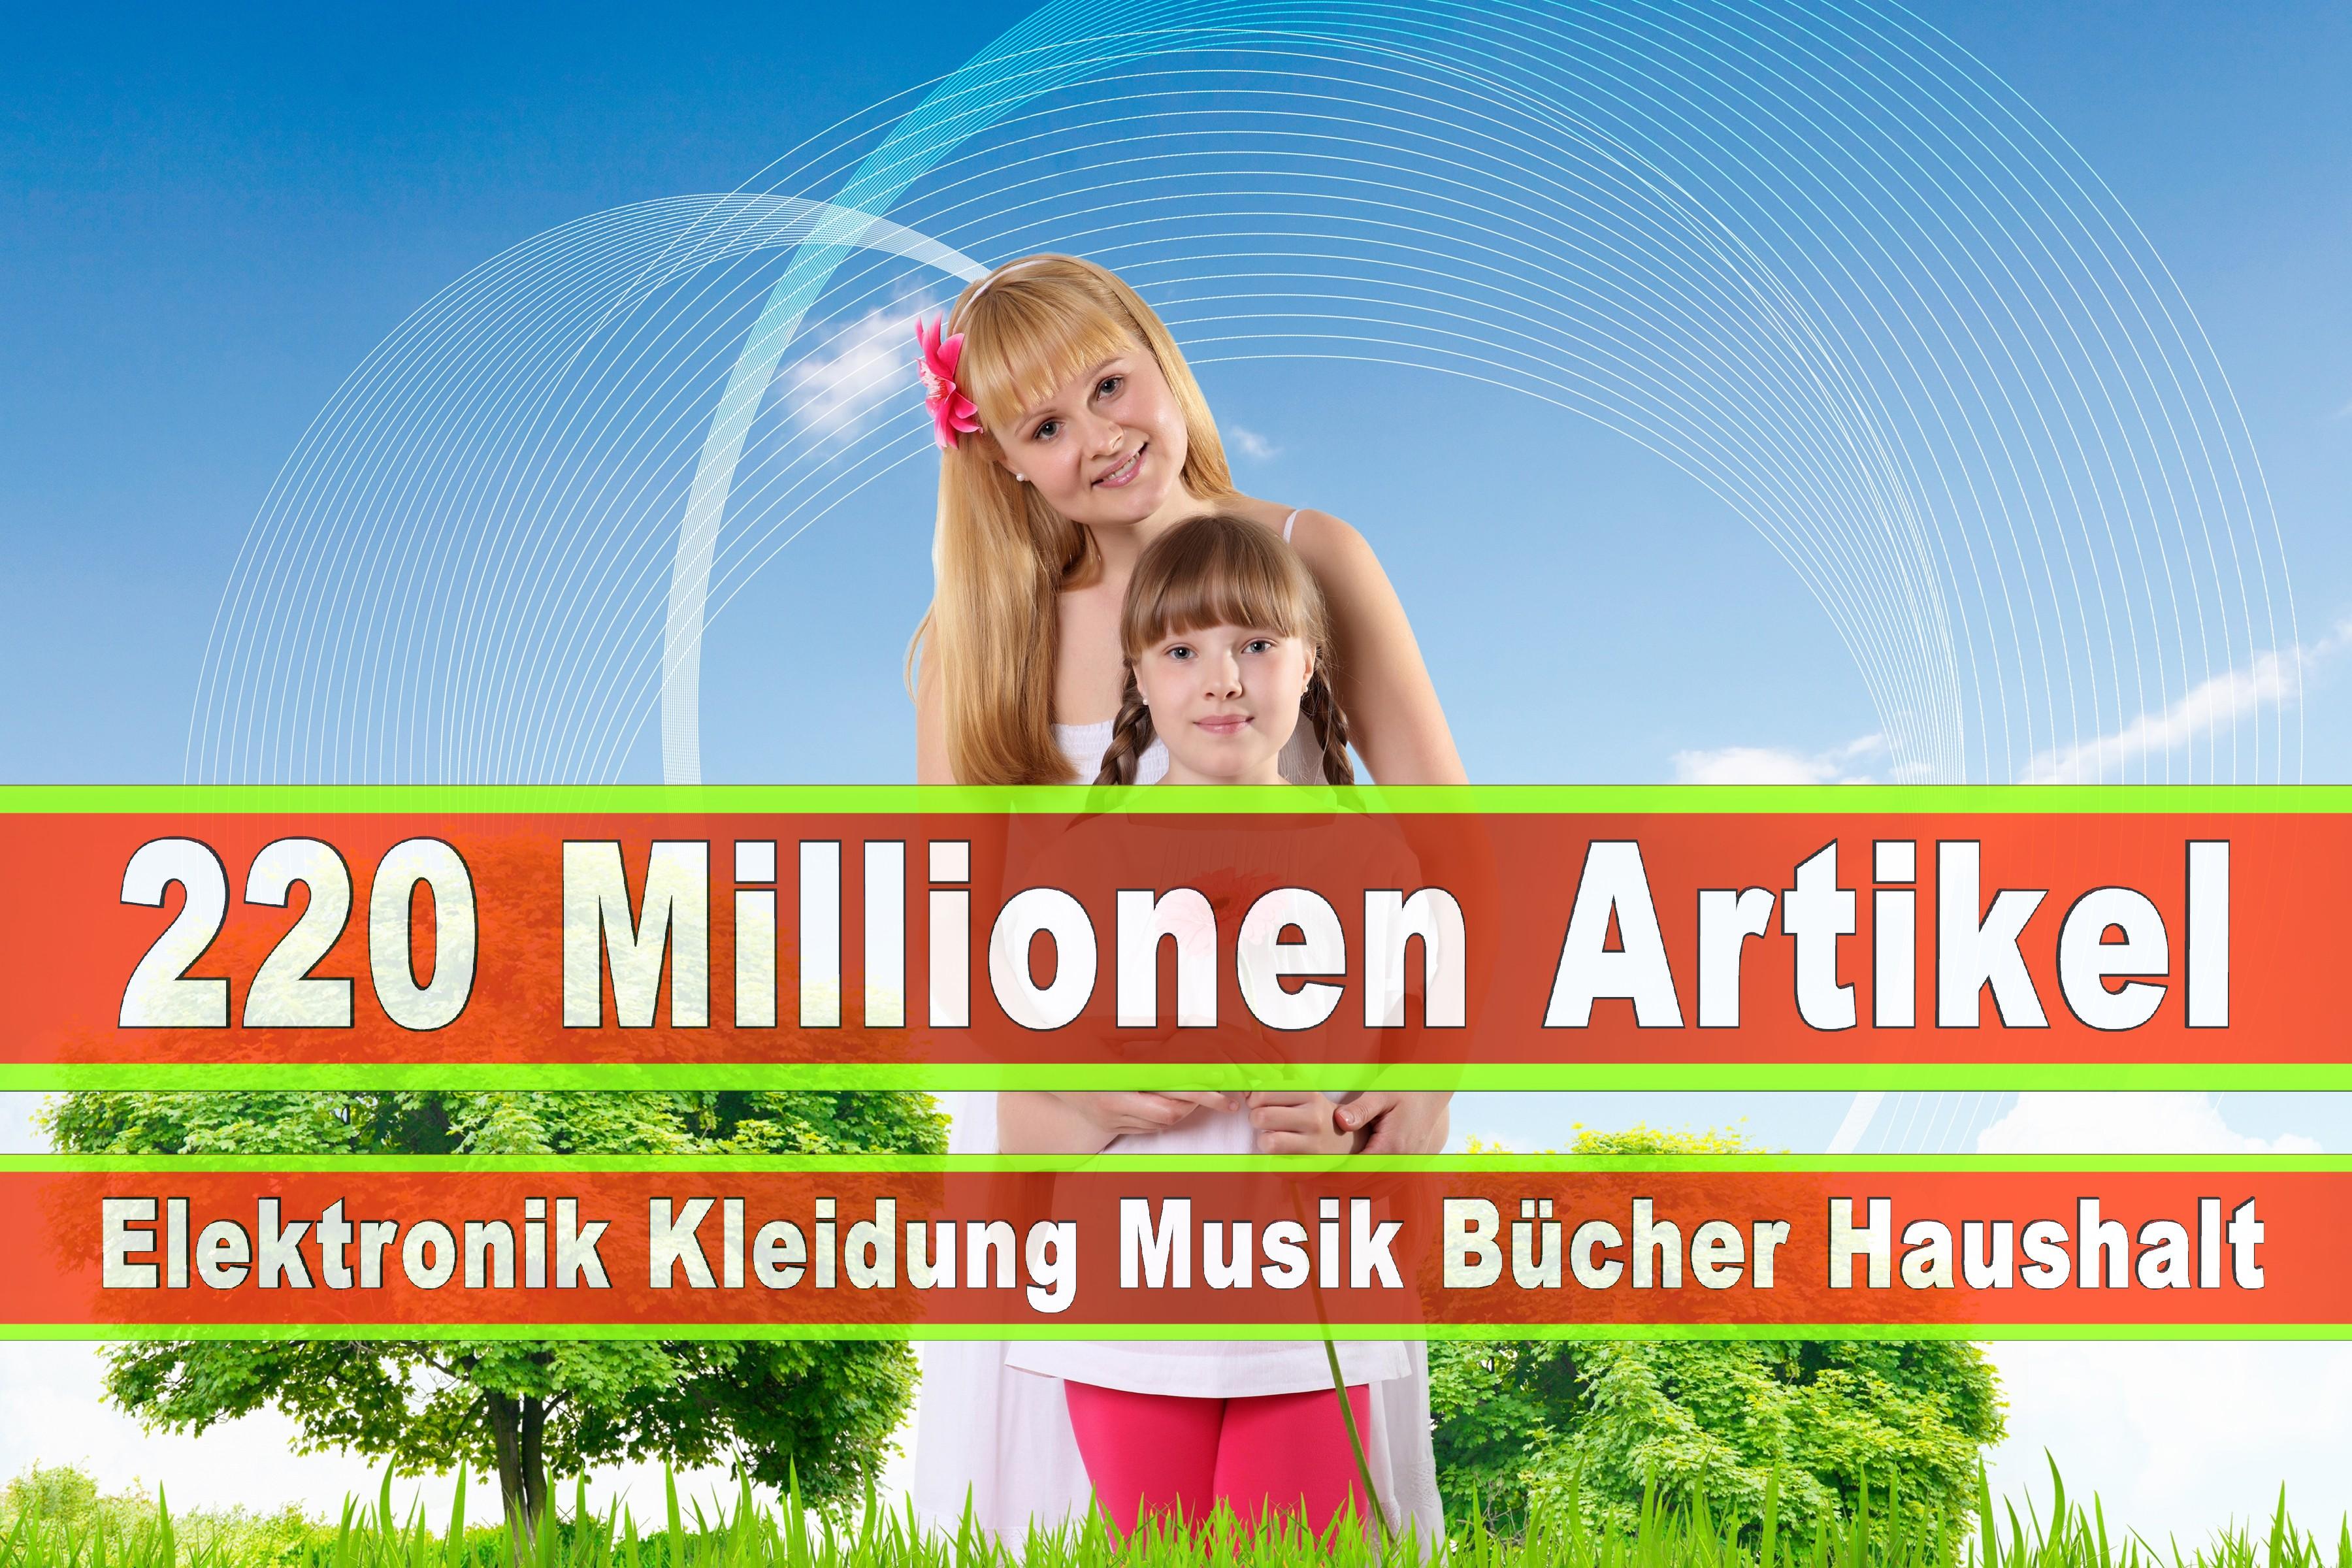 Amazon Elektronik Musik Haushalt Bücher CD DVD Handys Smartphones TV Television Fernseher Kleidung Mode Ebay Versandhaus (194)